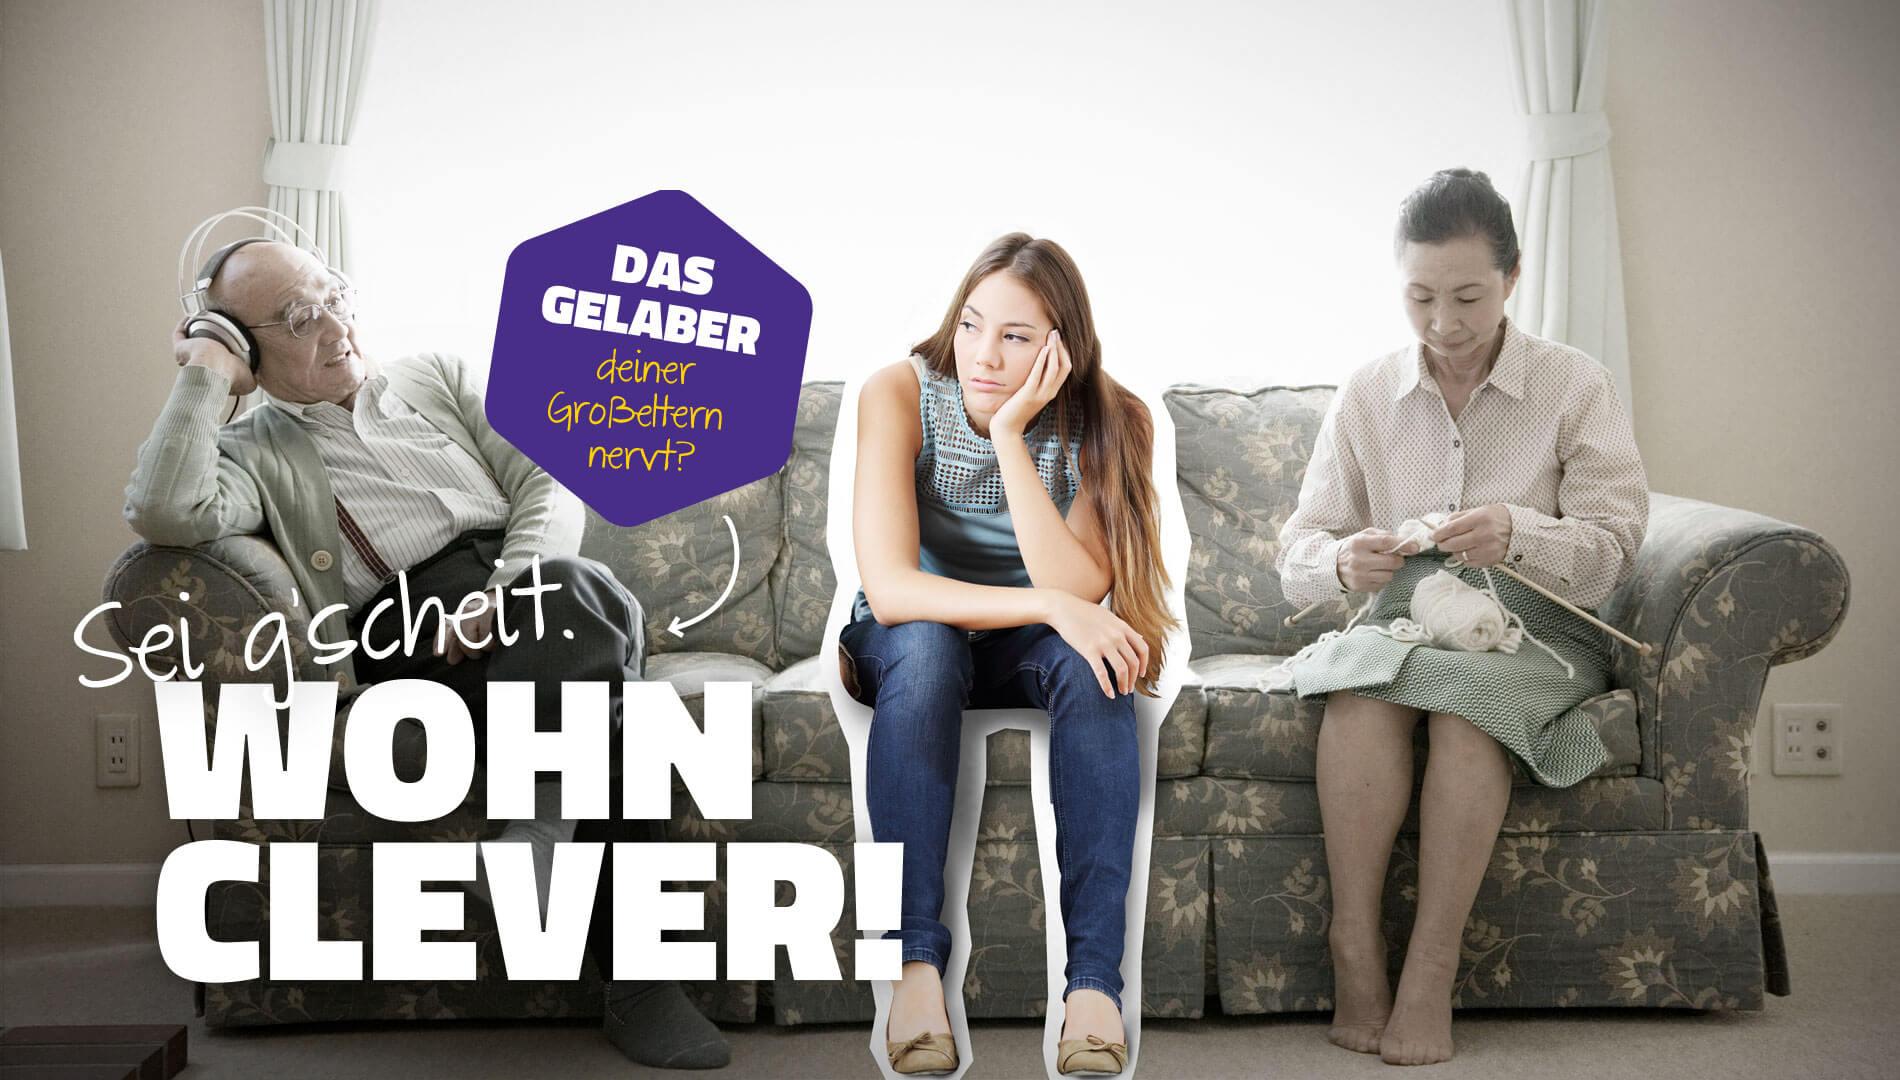 djw-heimbauverein-bild-quer-Kampagne-Grosseltern